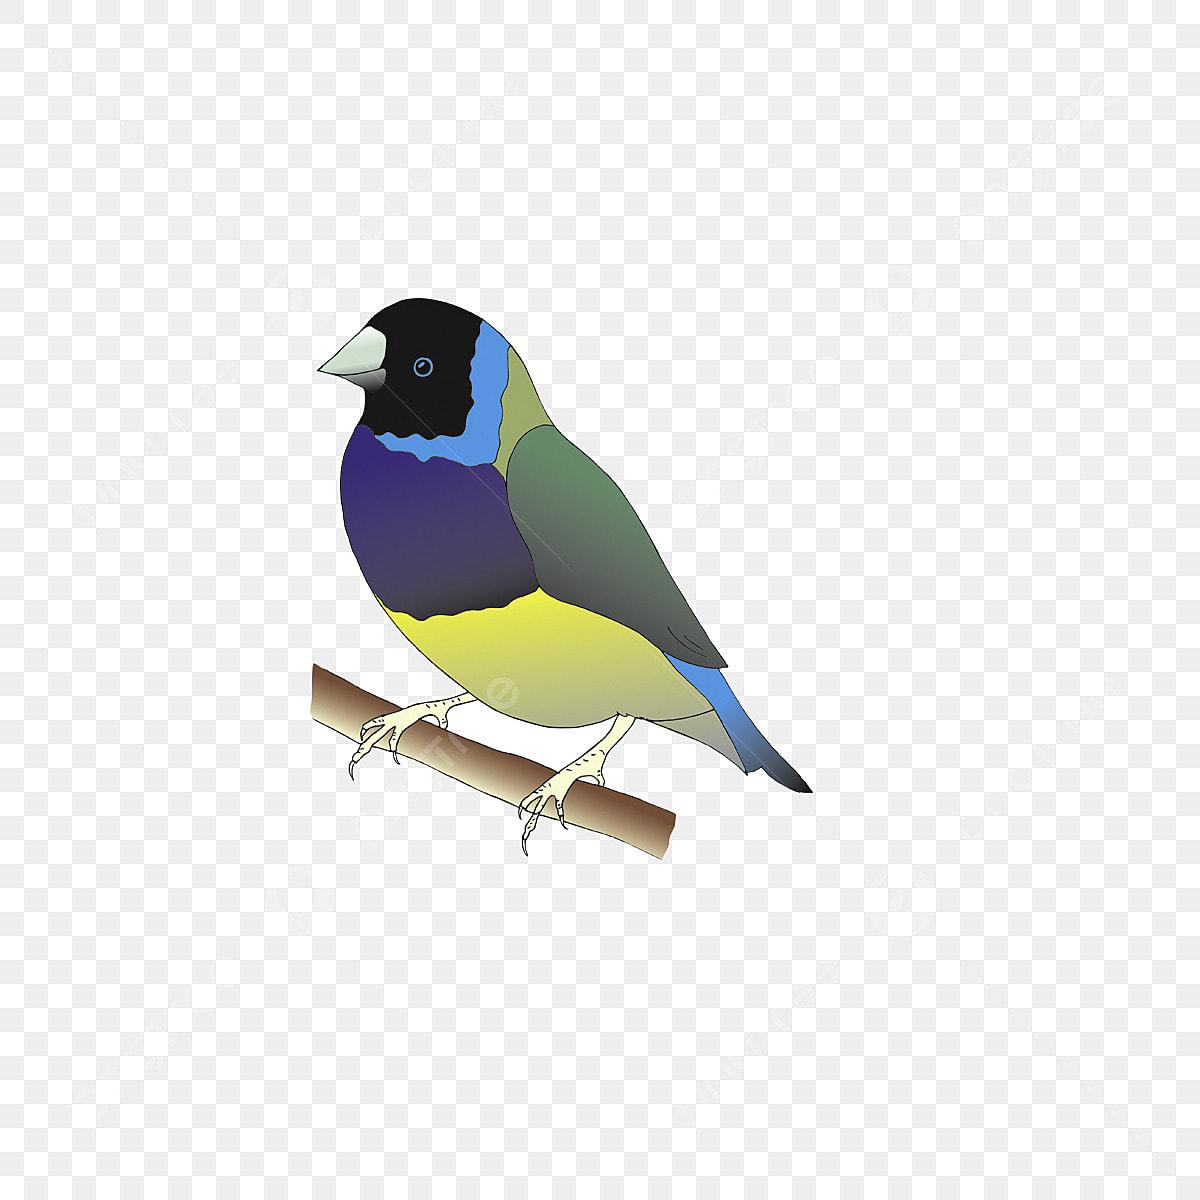 Pinson Oiseau Clipart Le Bec Sauvage La Nature Fichier Png Et Psd Pour Le Telechargement Libre